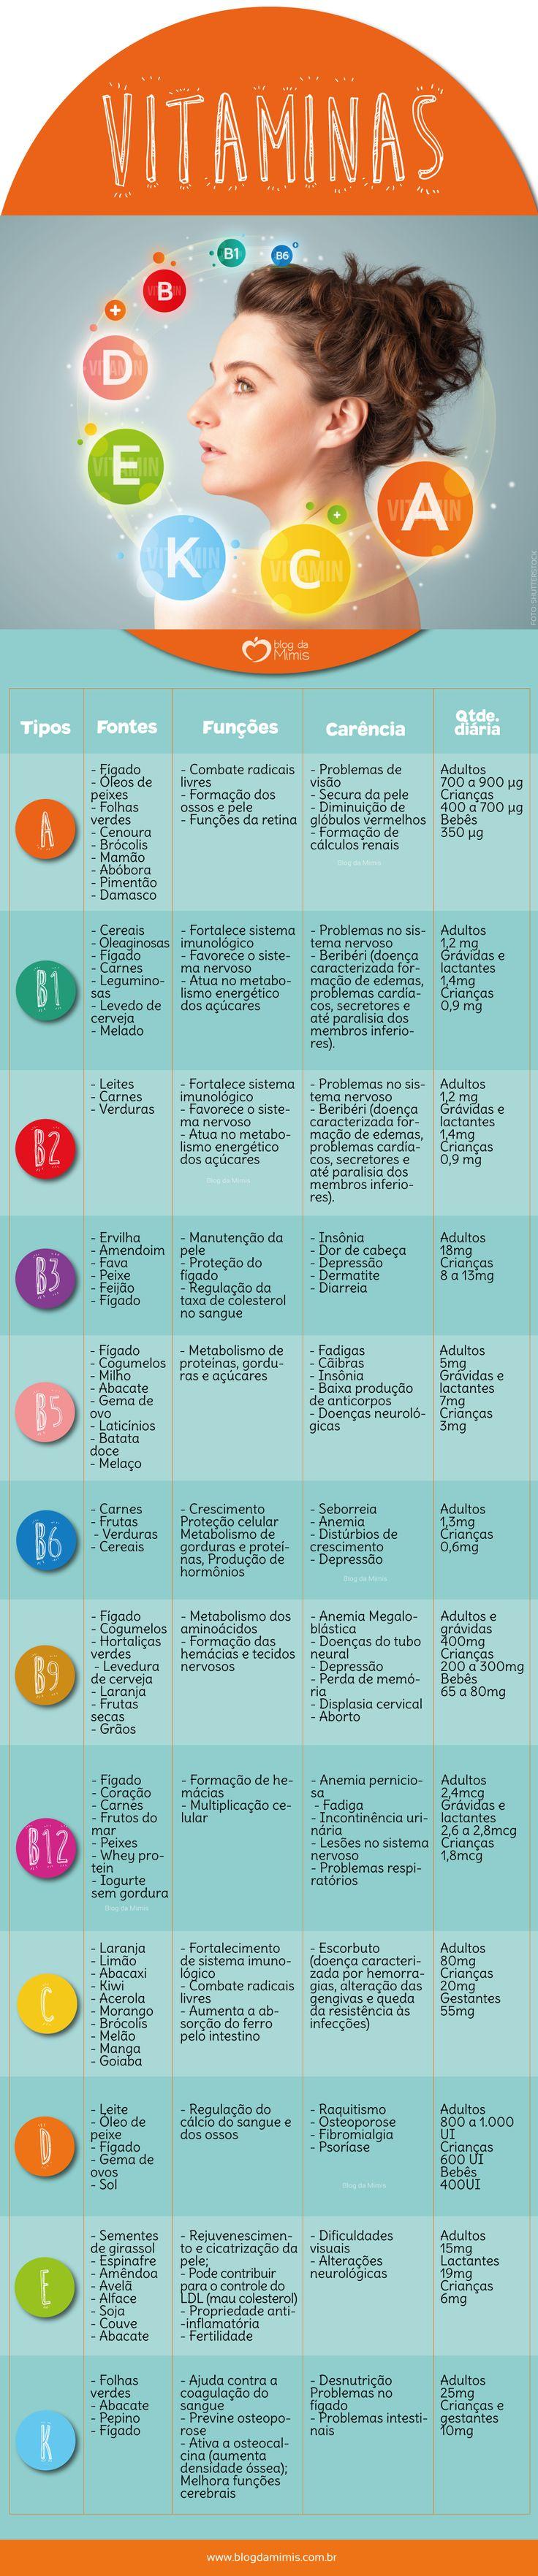 Vitaminas: tipos, funções, deficiências e fontes - Blog da Mimis #blogdamimis #vitaminas #alimentação #saúde #dieta